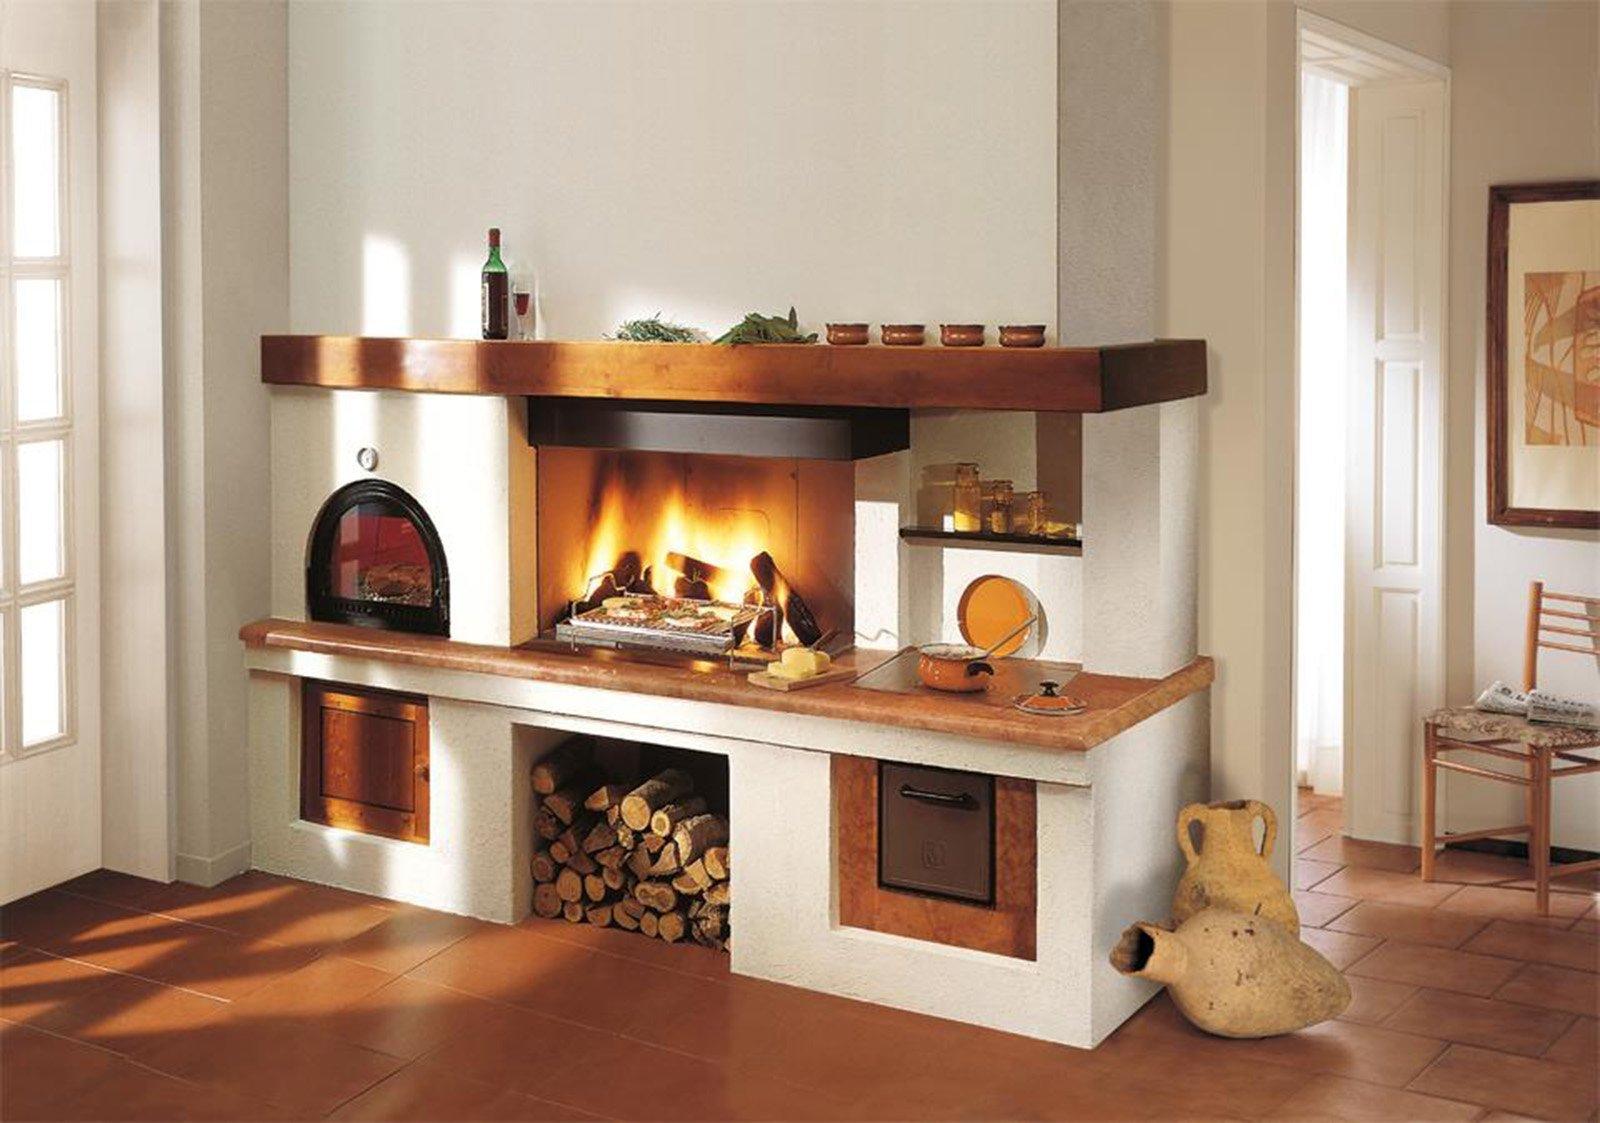 La cucina di una volta per cuocere e riscaldare come con i tradizionali modelli a legna cose - Cucina a legna prezzi ...